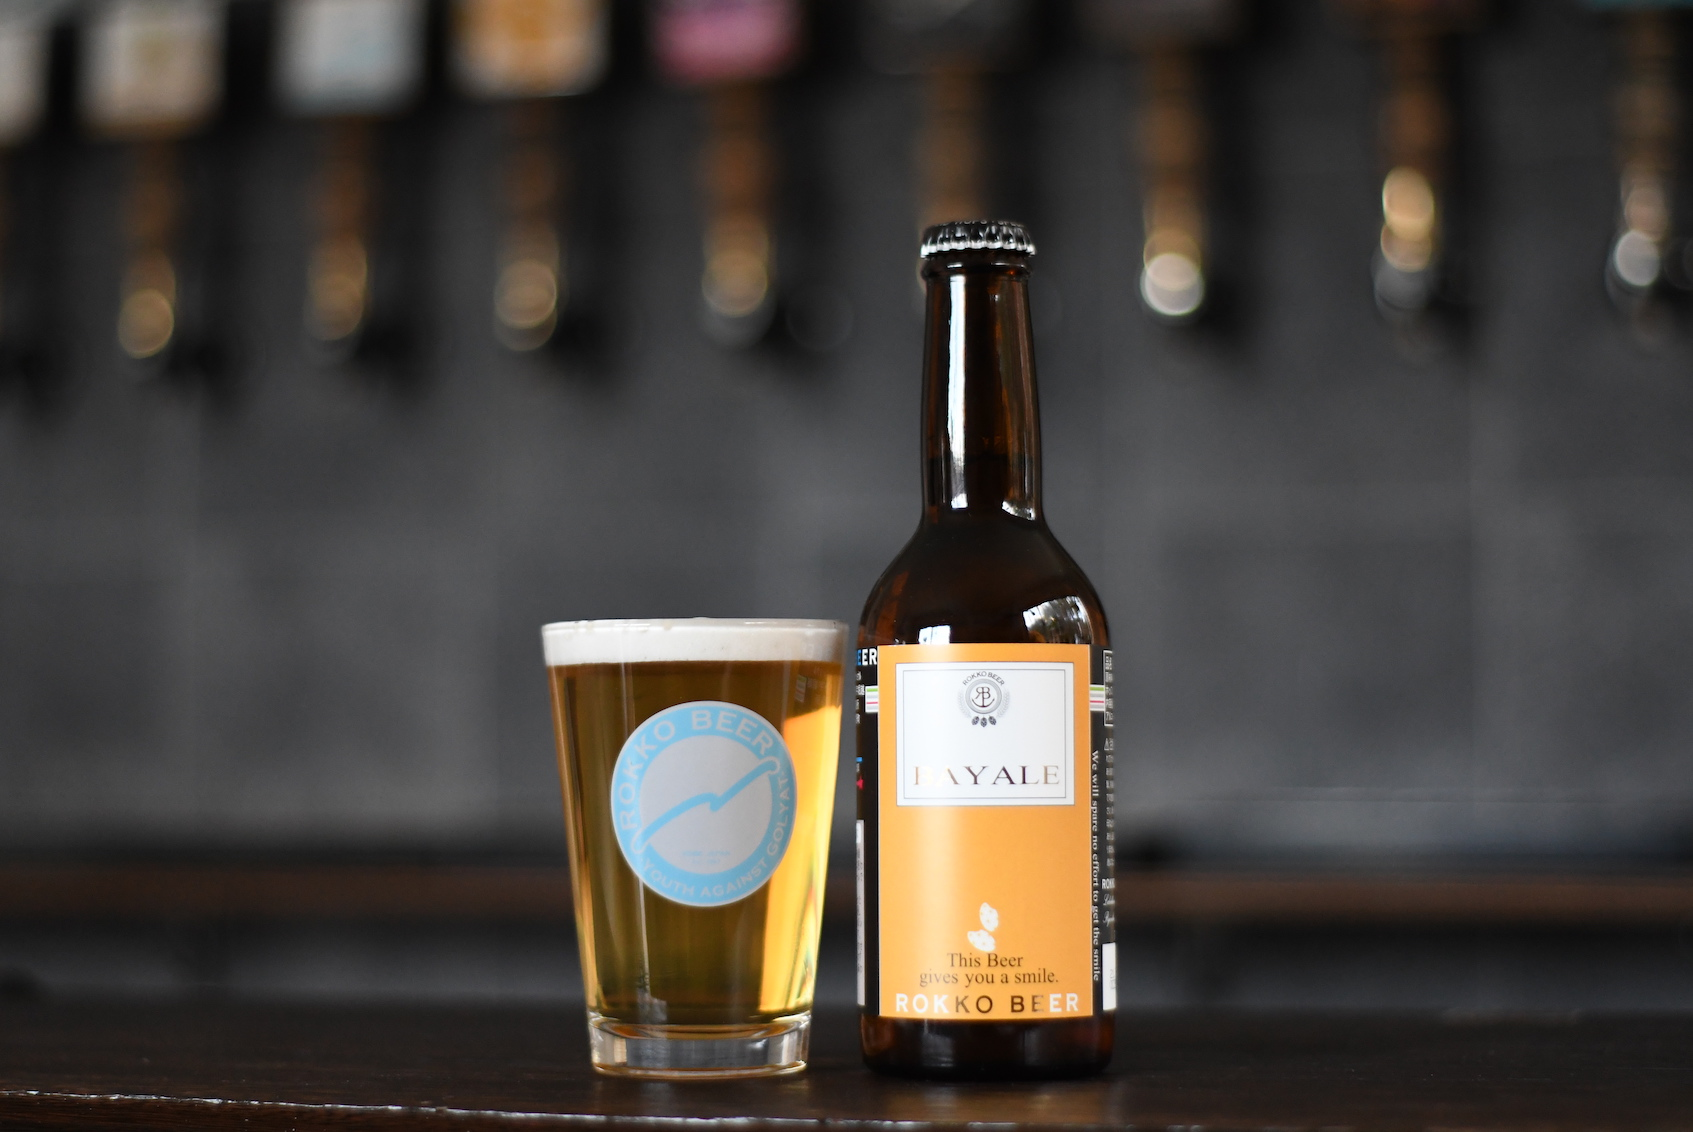 【DREAMBEERで飲めるビール】インパクト抜群のホップの香りとライスエールの優しい味わい『ベイエール』